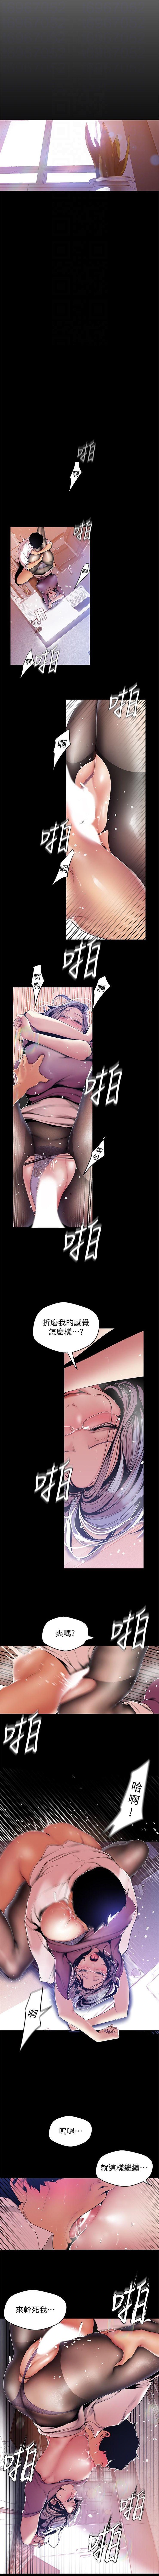 美麗新世界 1-85 官方中文(連載中) 433